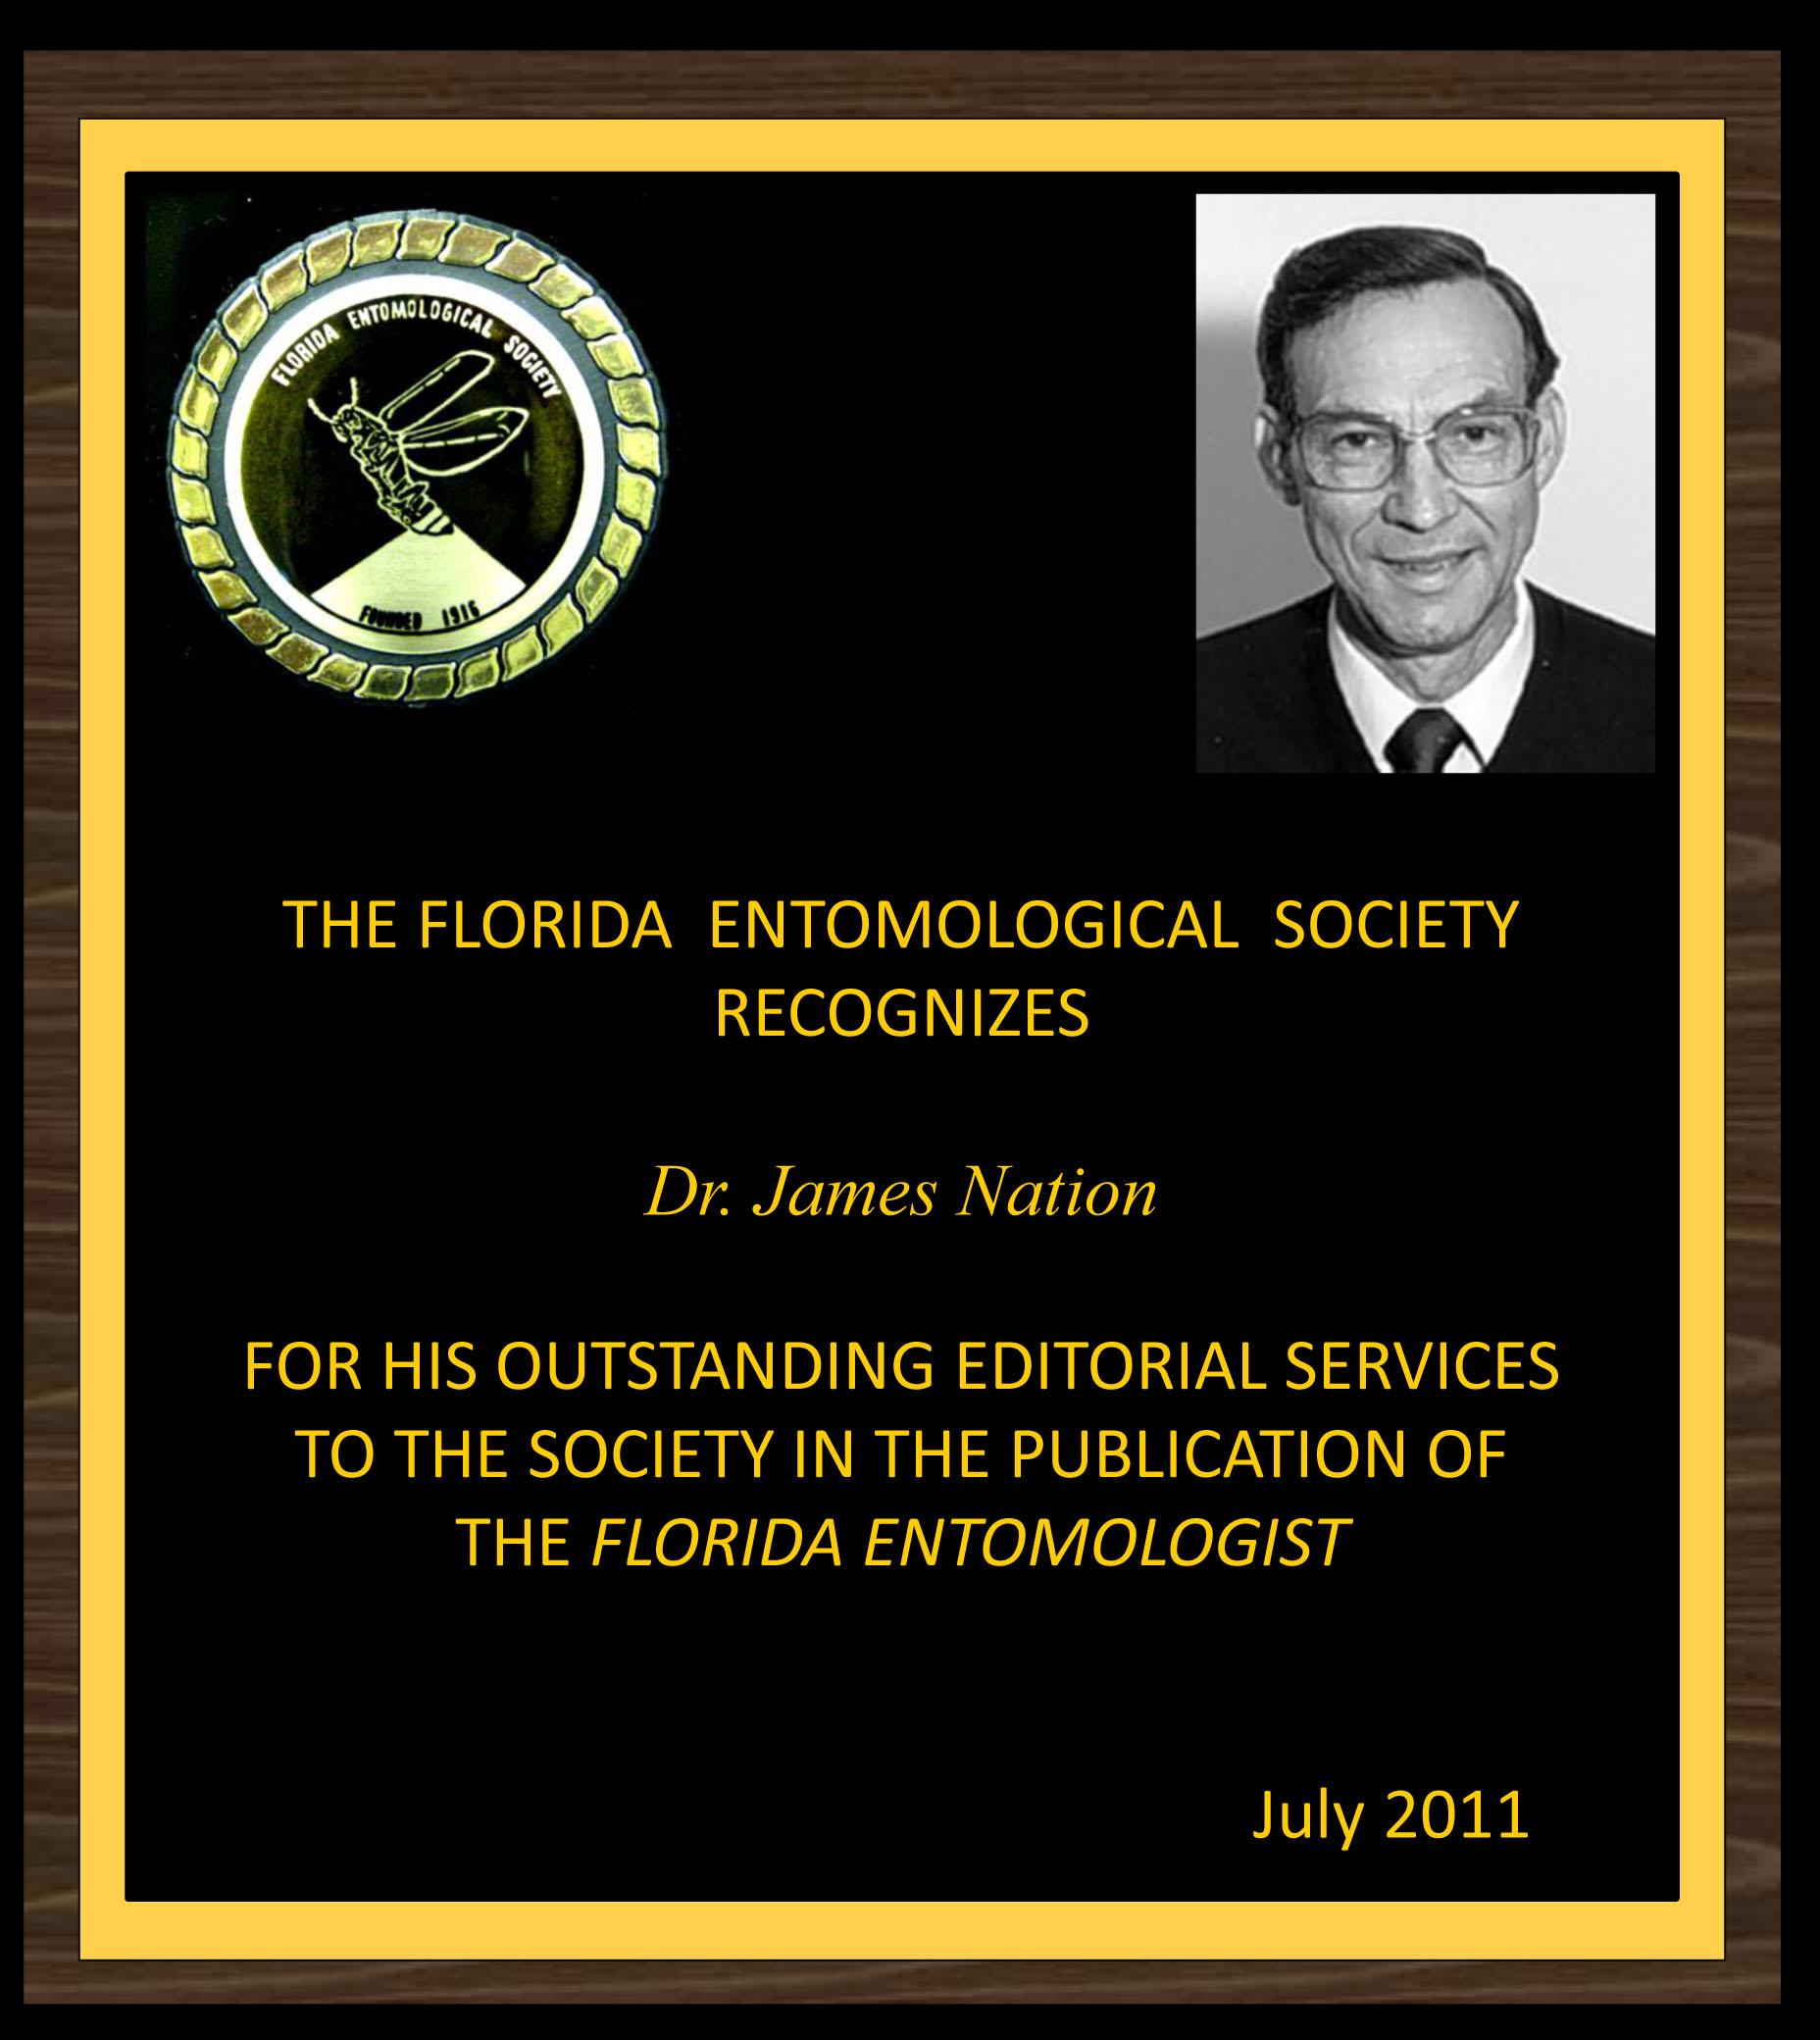 Jim Nation receives award for service as Florida Entomologist editor